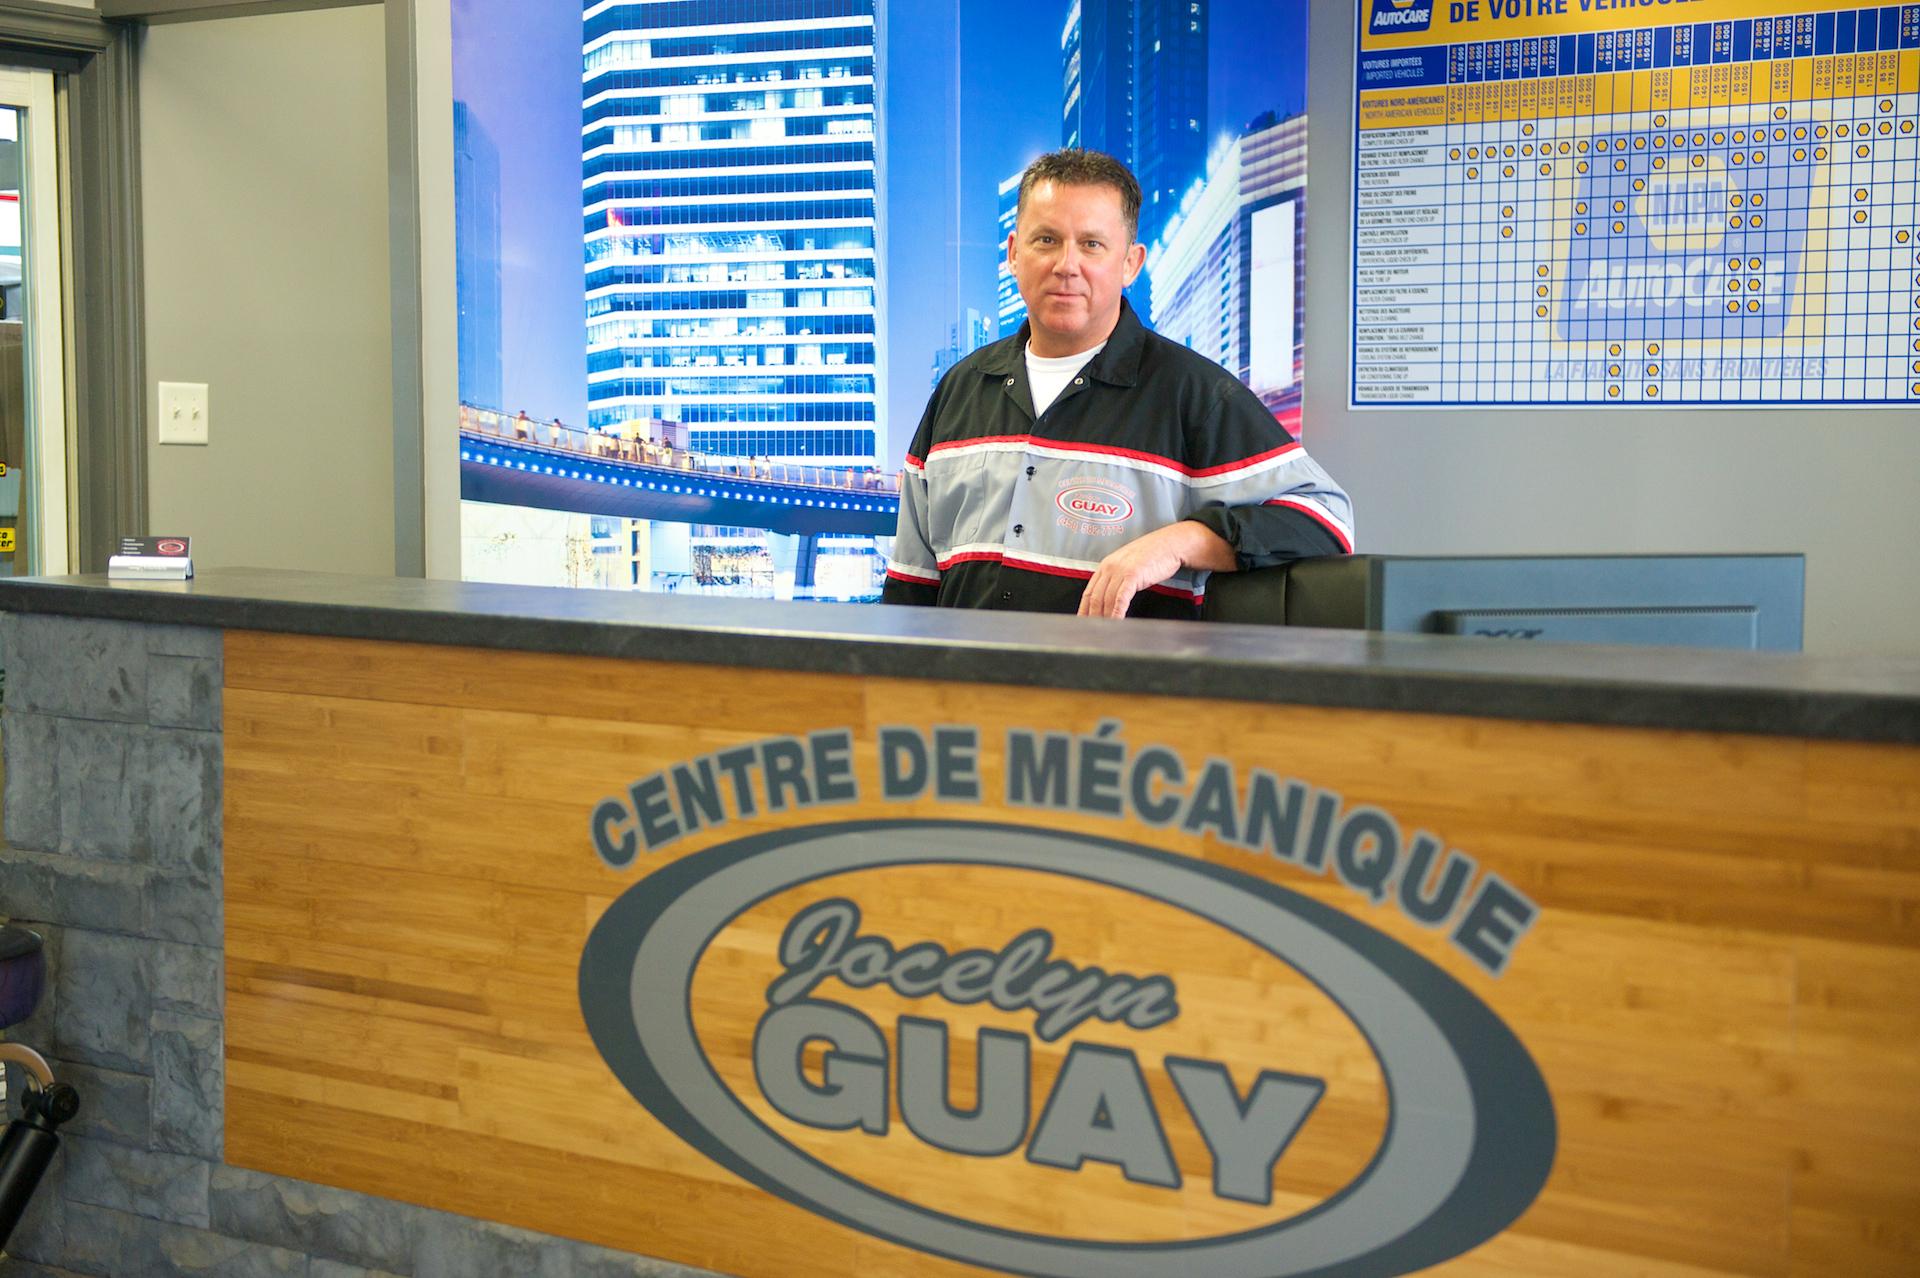 Centre De Mécanique Jocelyn Guay à Repentigny